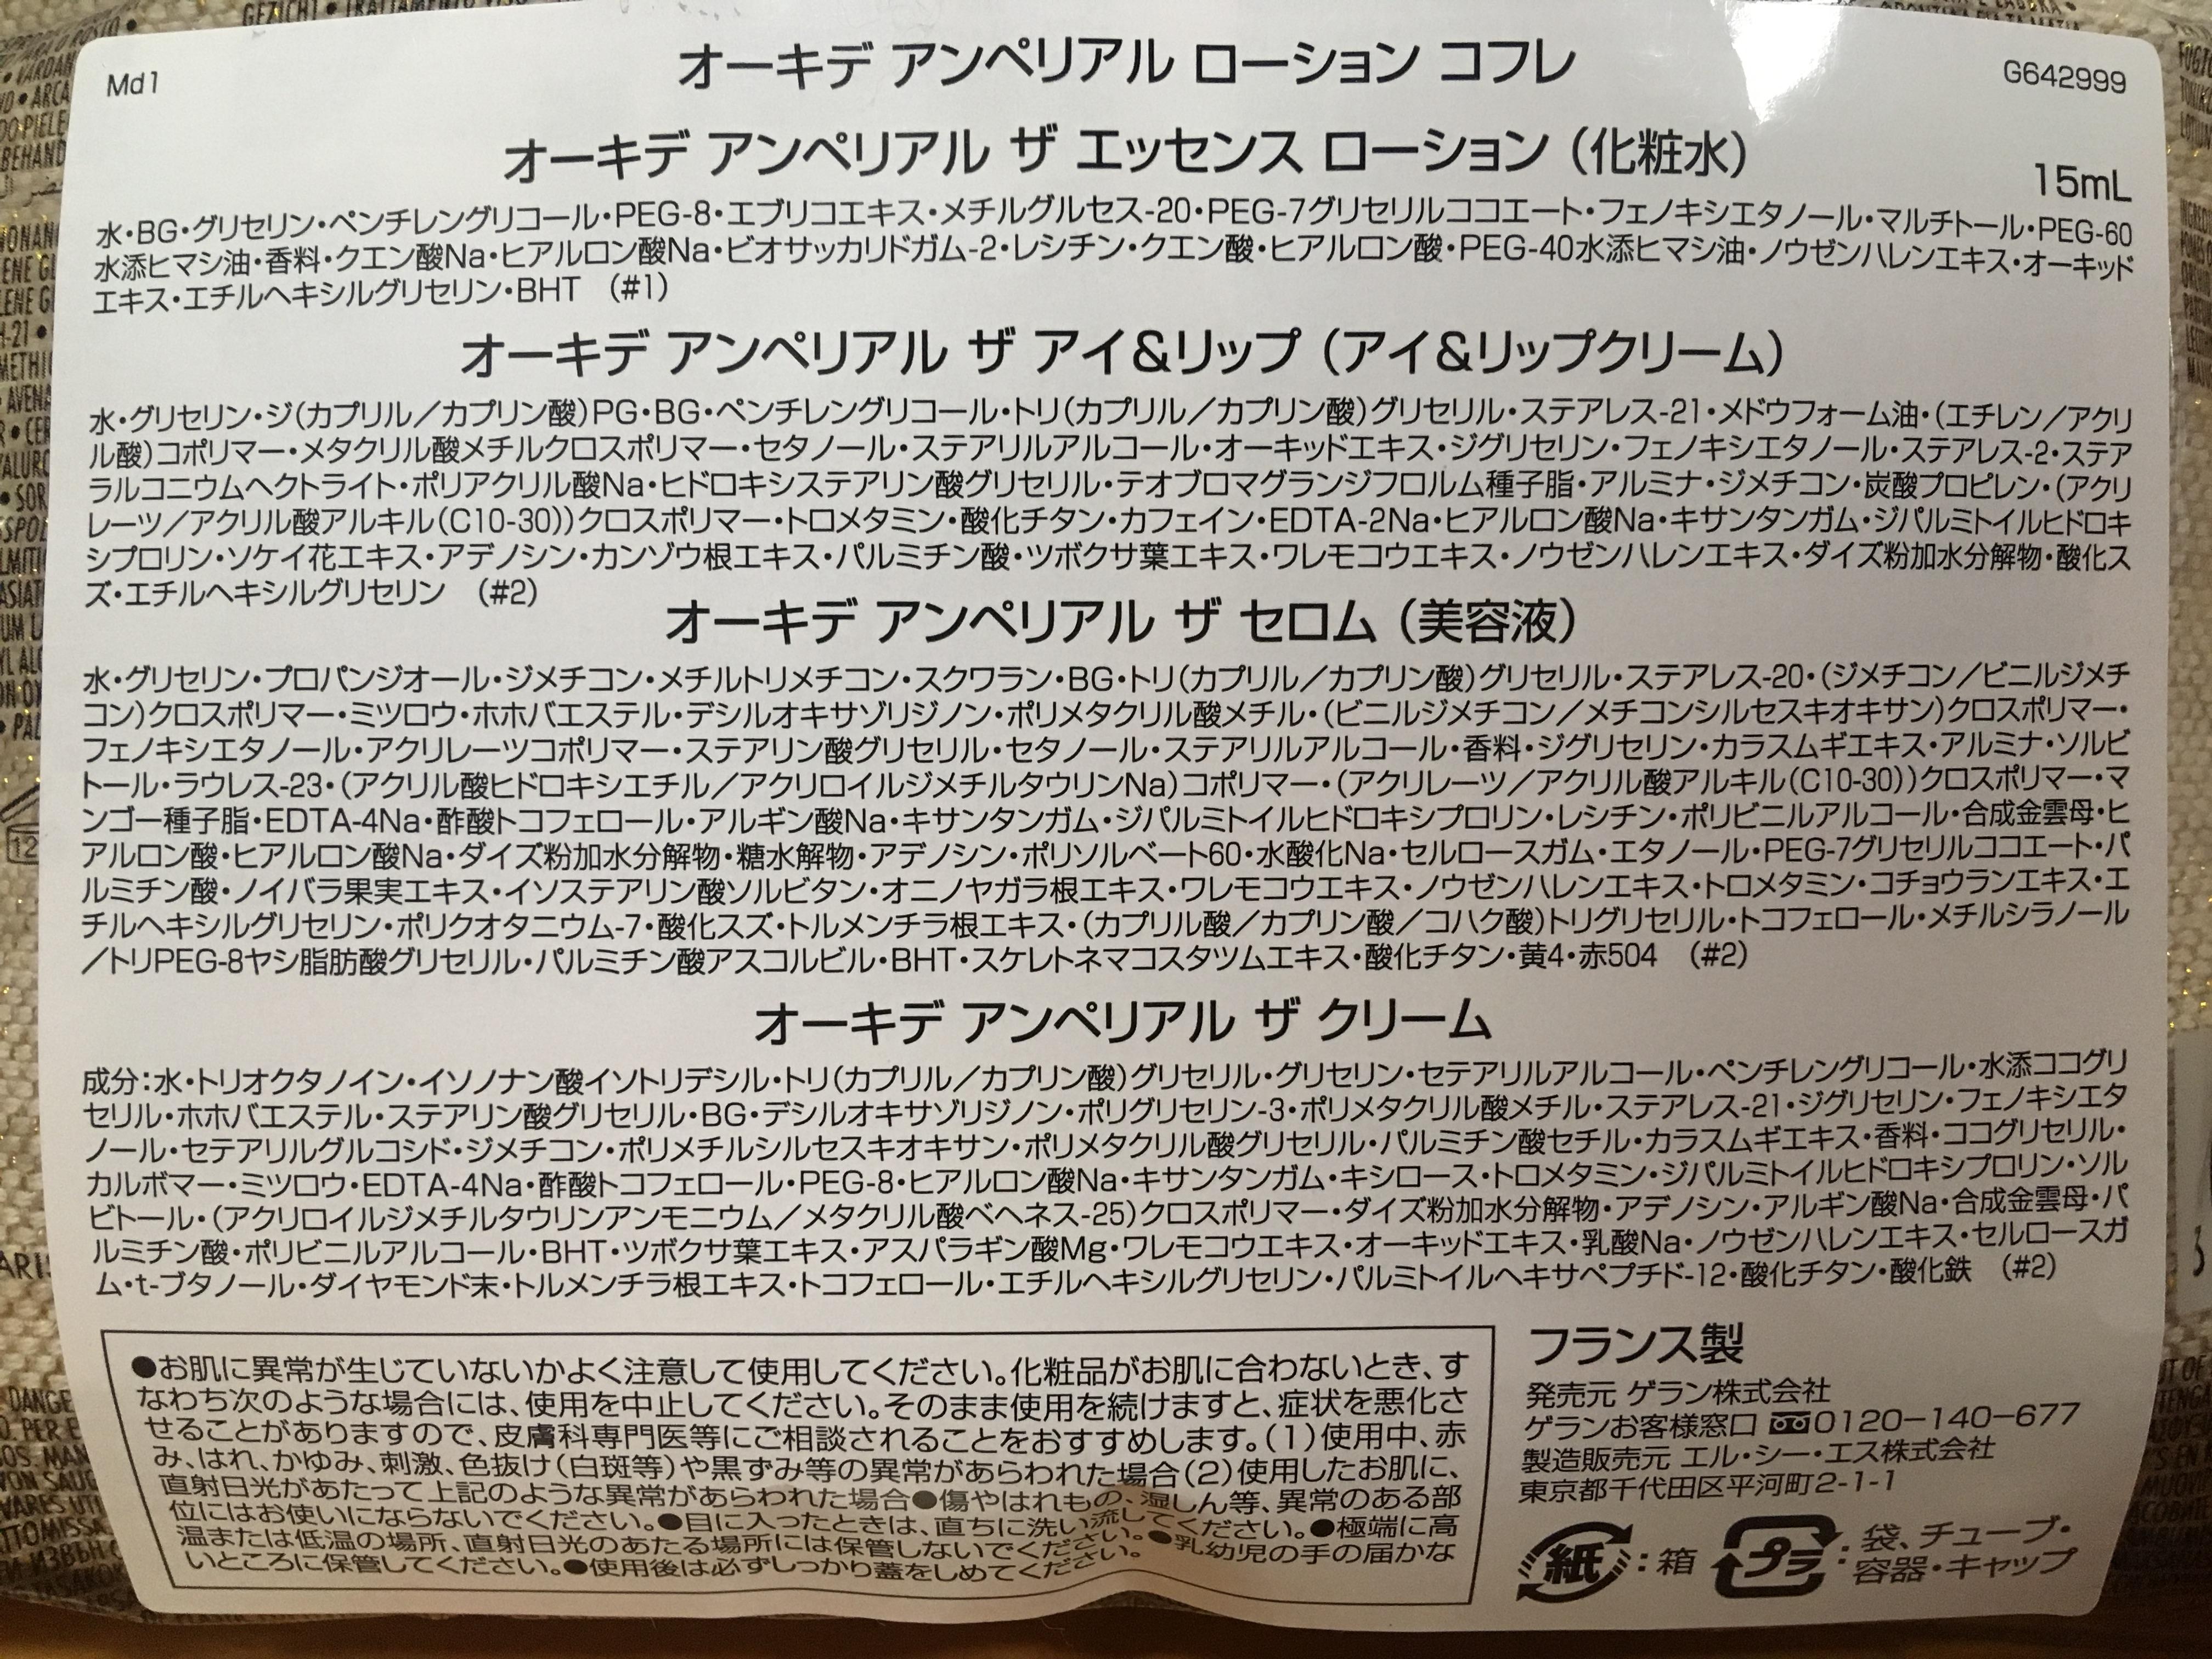 ゲラン GUERLAIN オーキデアンペリアル ローションコフレ 2019 化粧水 ニューイヤーコフレ 内容